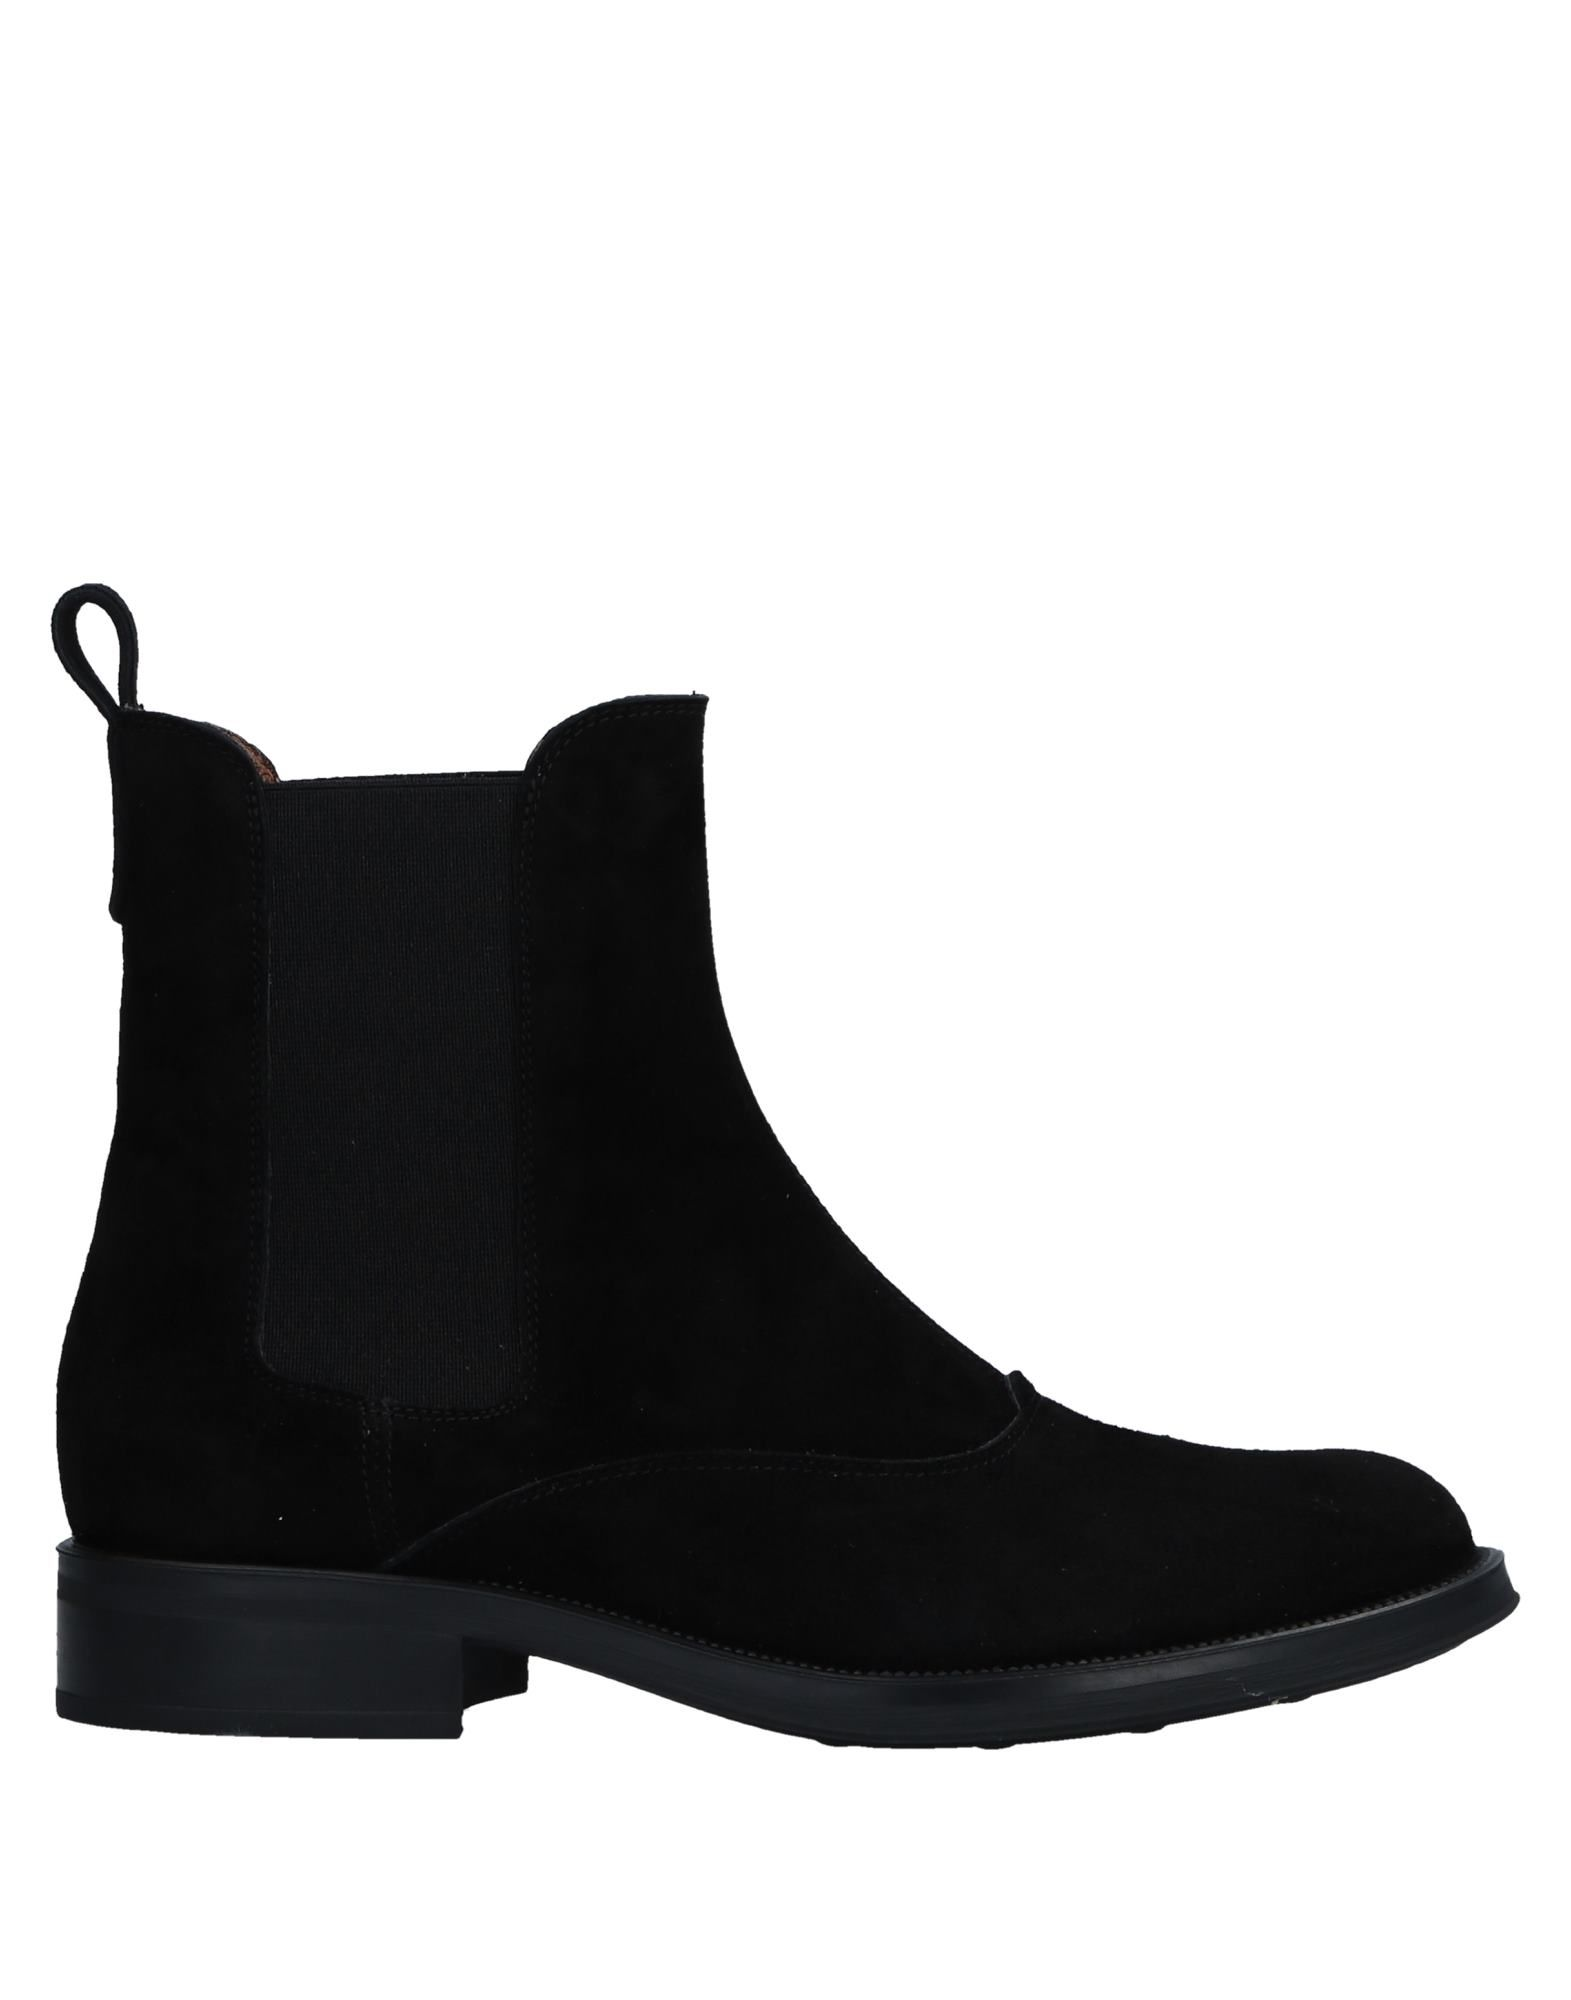 Rabatt Schuhe F.Lli Bruglia  Chelsea Stiefel Damen  Bruglia 11520074MV 74516b